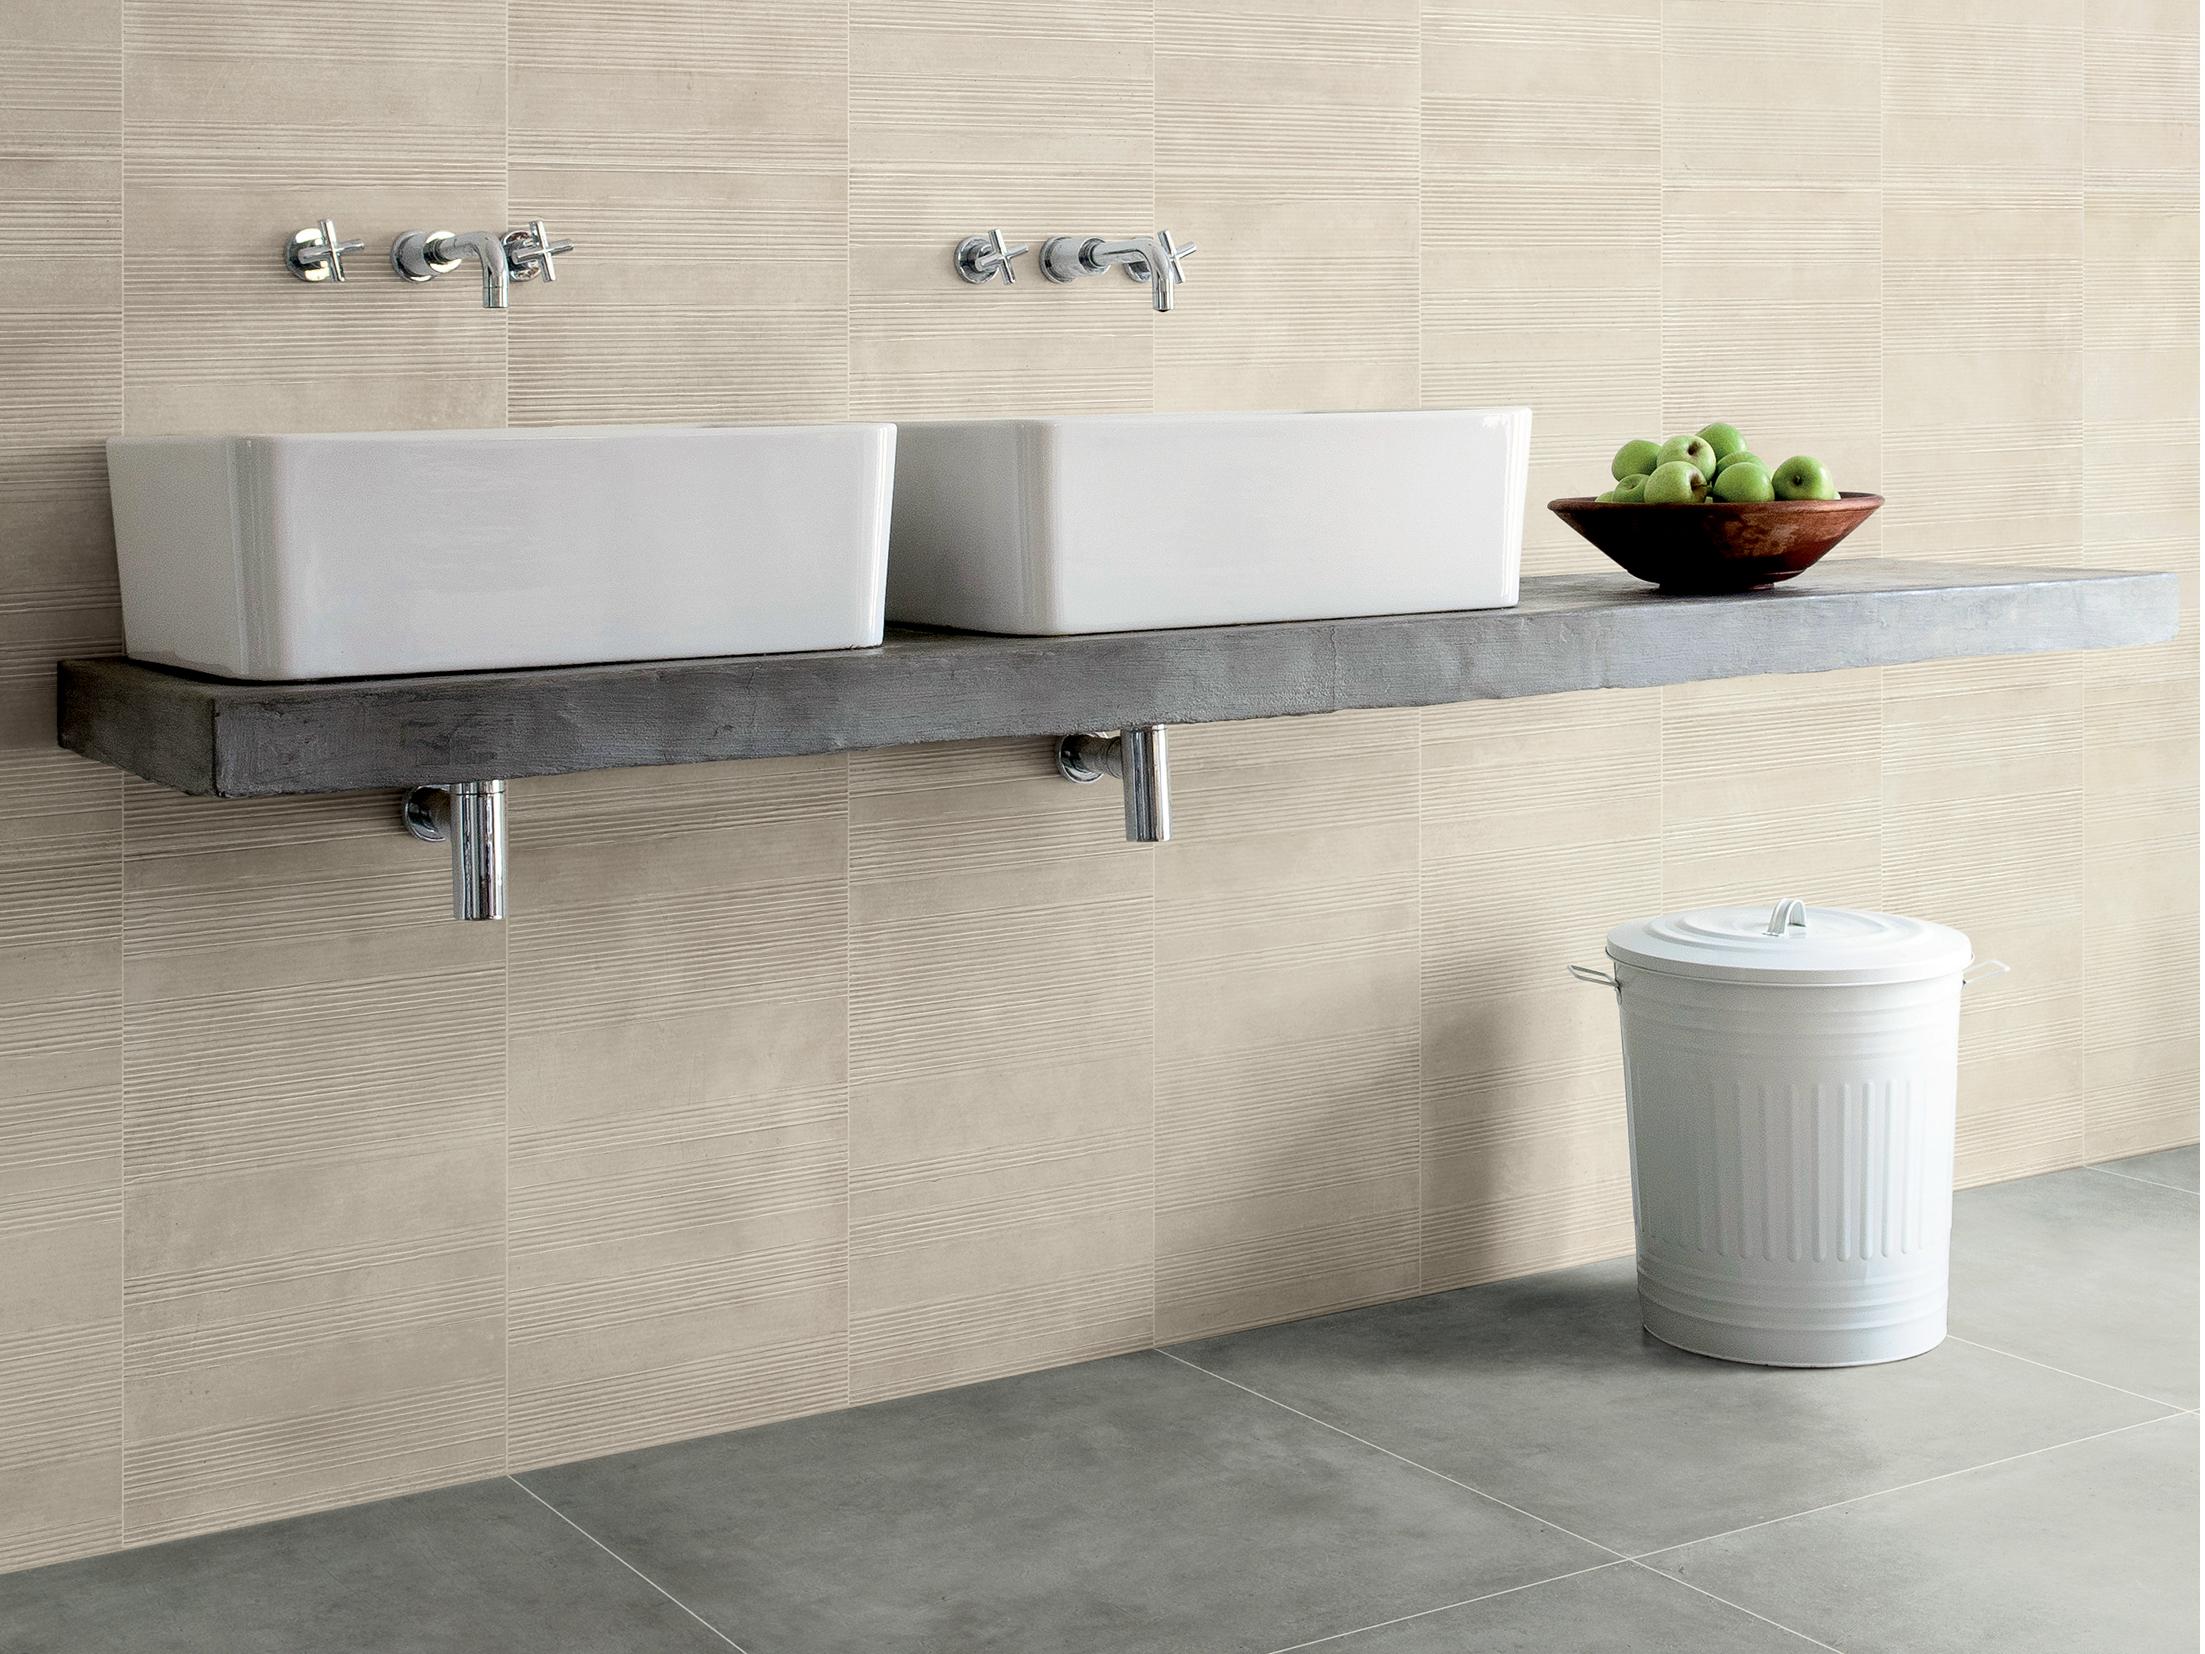 Pavimenti in ceramica infinite possibilit per il bagno - Quanto tempo ci vuole per piastrellare un bagno ...